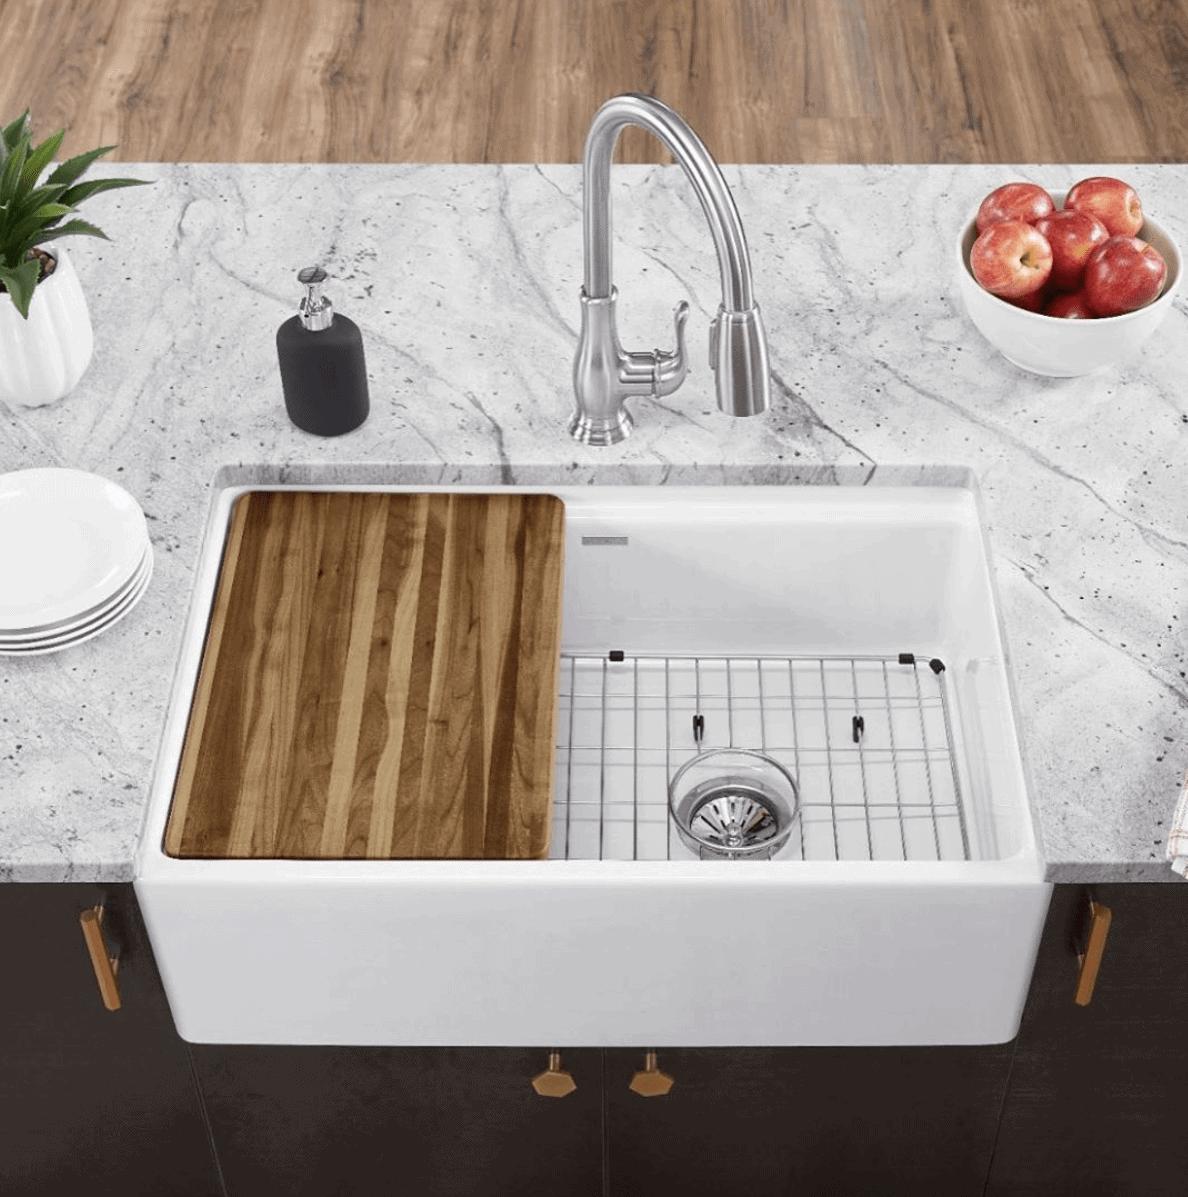 elkay single bowl sink